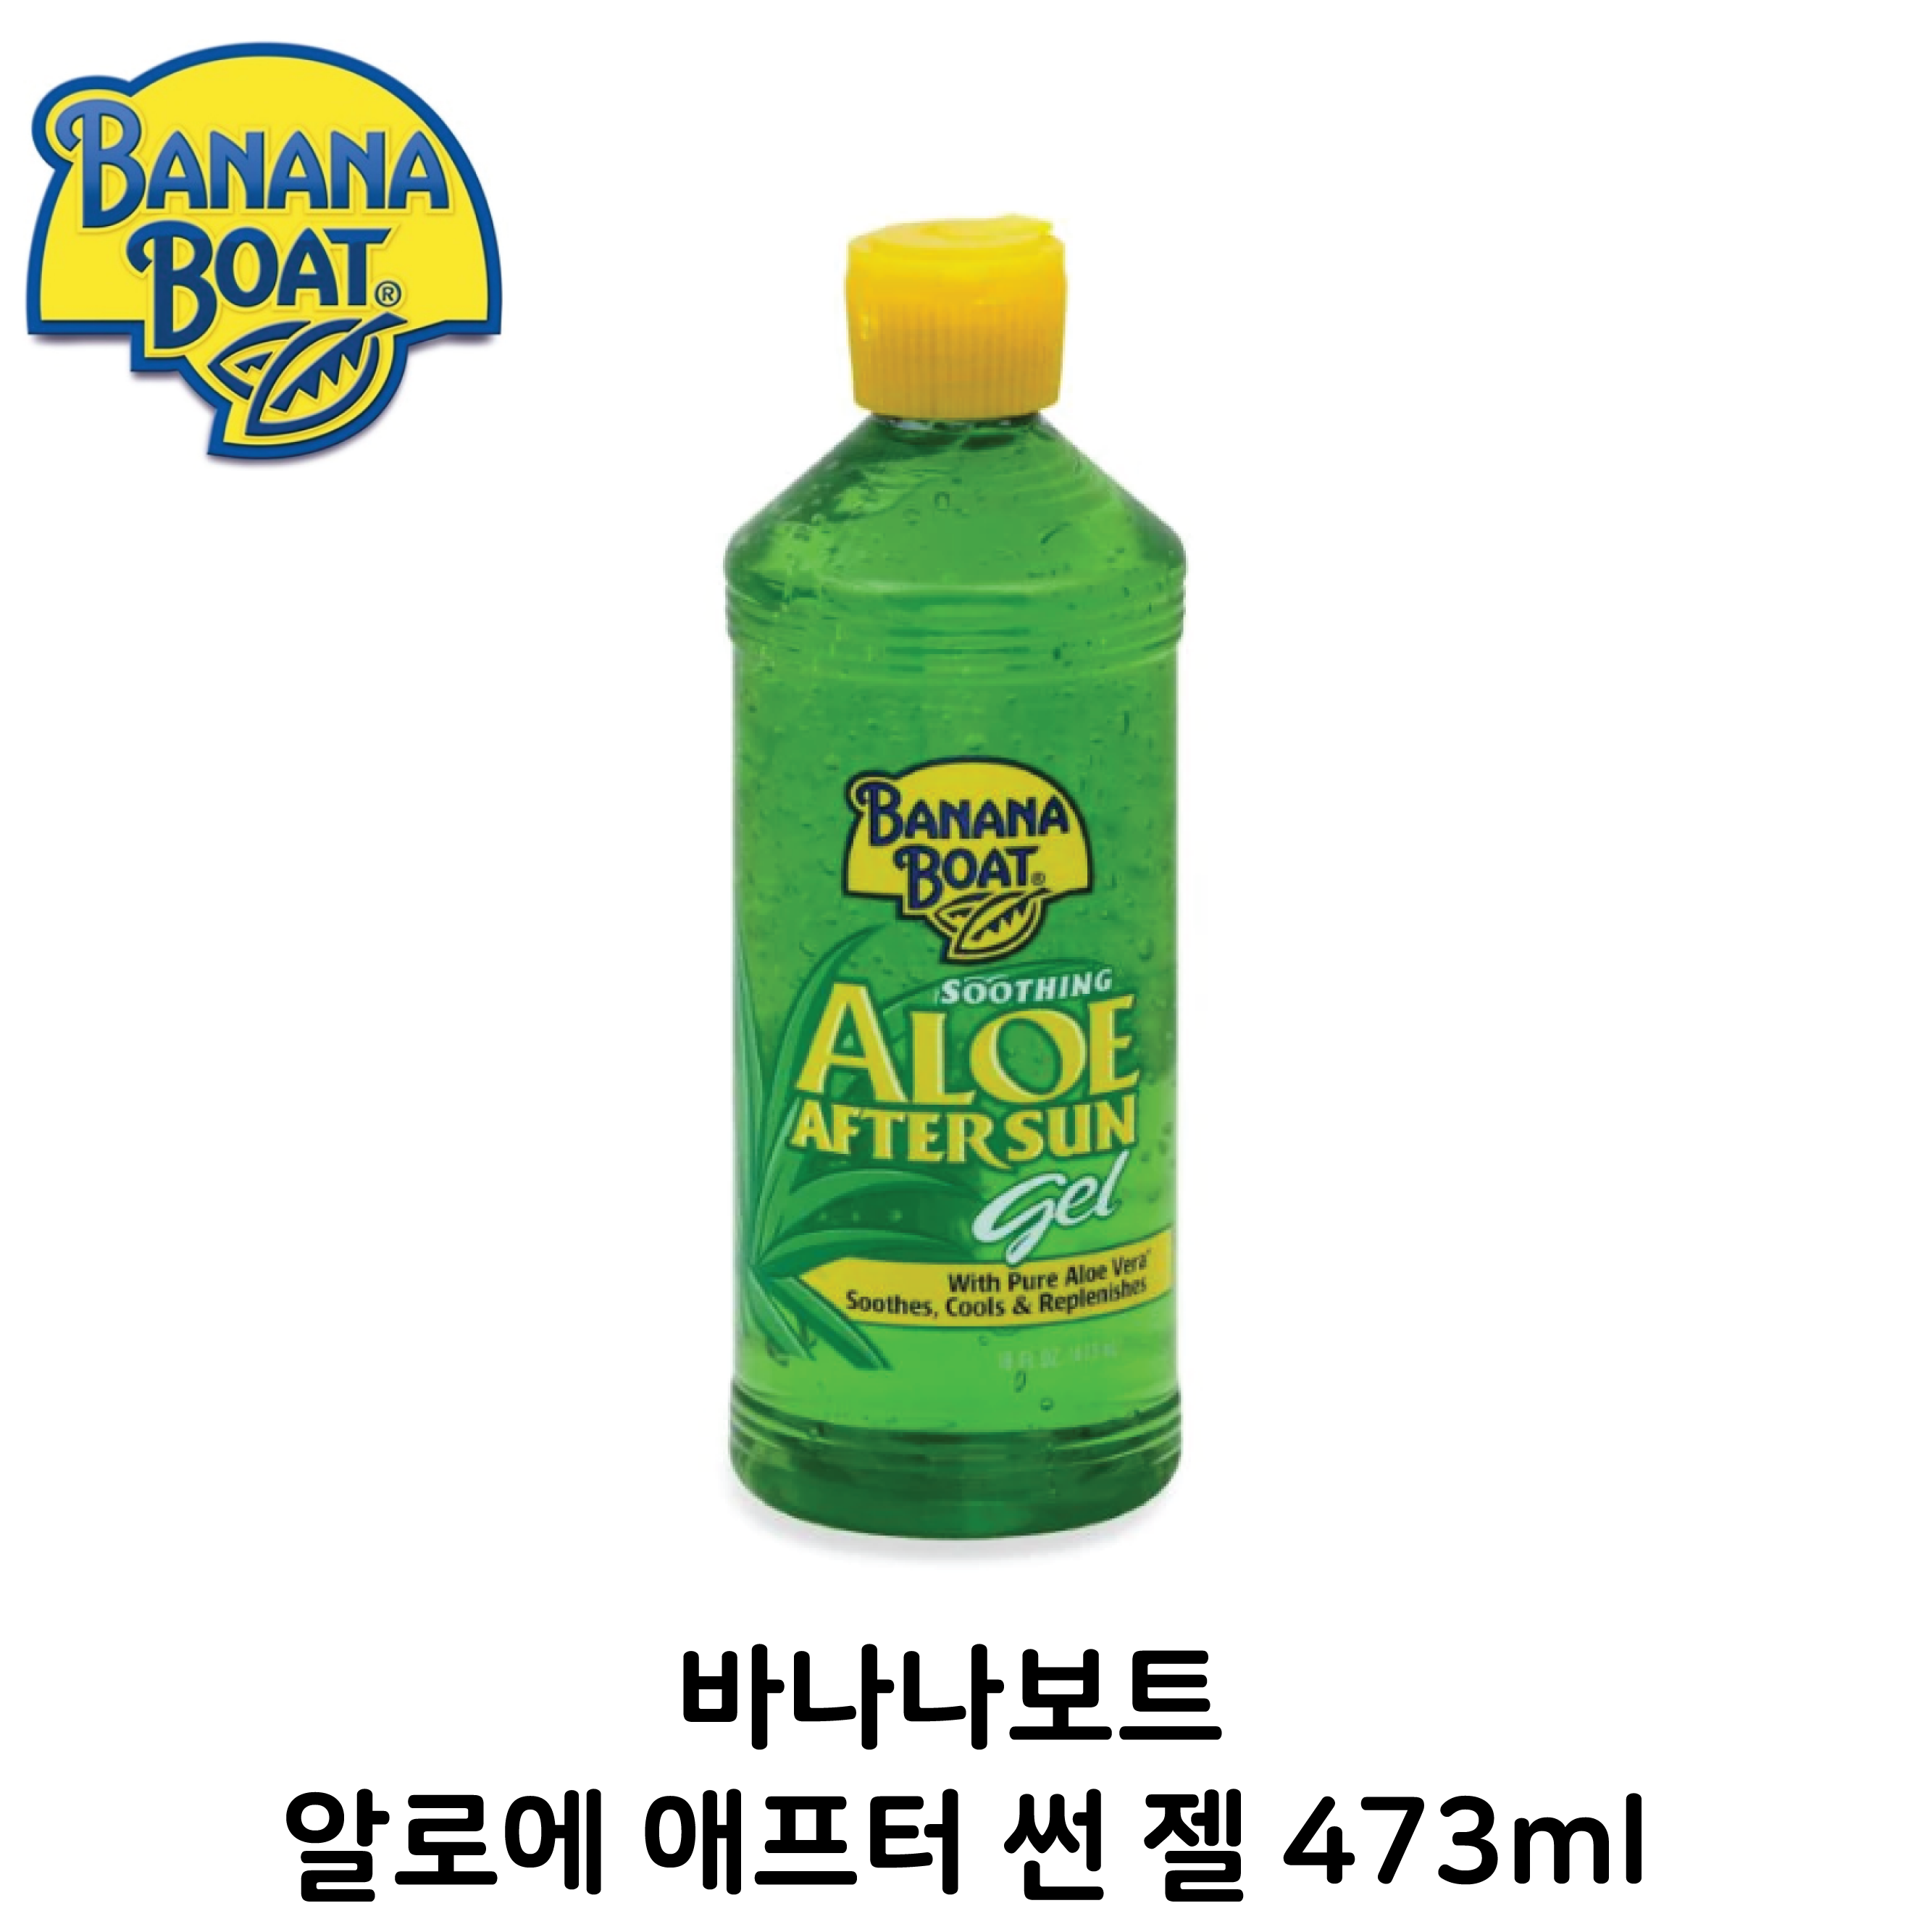 바나나보트 수딩 알로에 애프터 선 젤 473ml, 1개